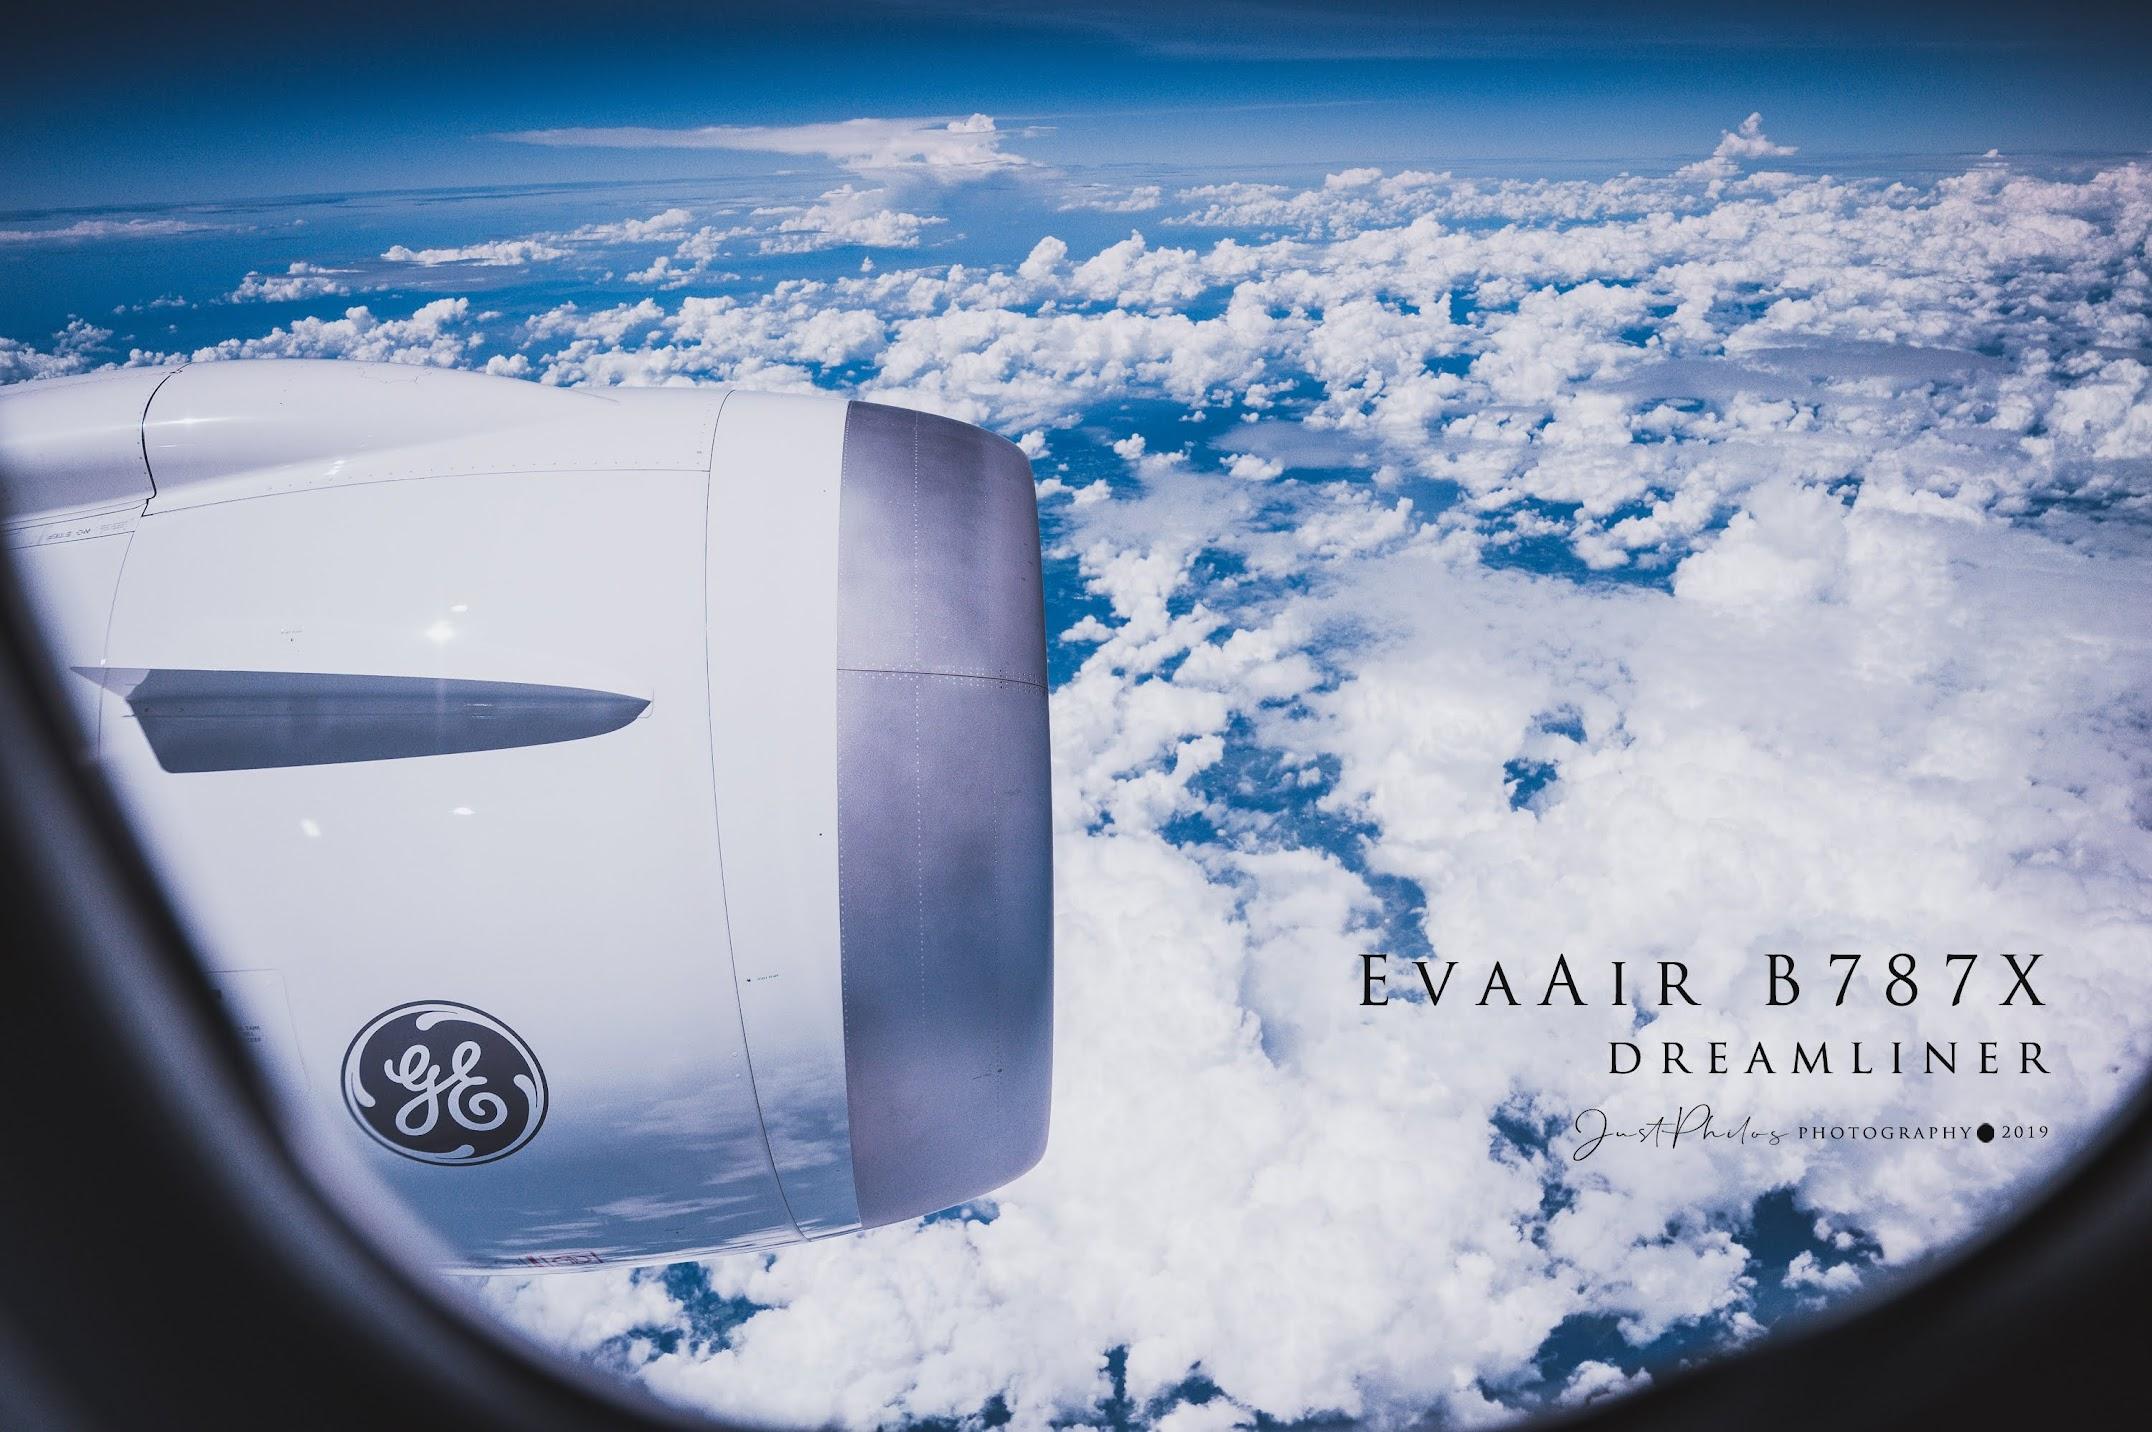 經過日本上空可以從機上看到較低層的積雲,搭配藍天形成一幅美麗的空中畫作。